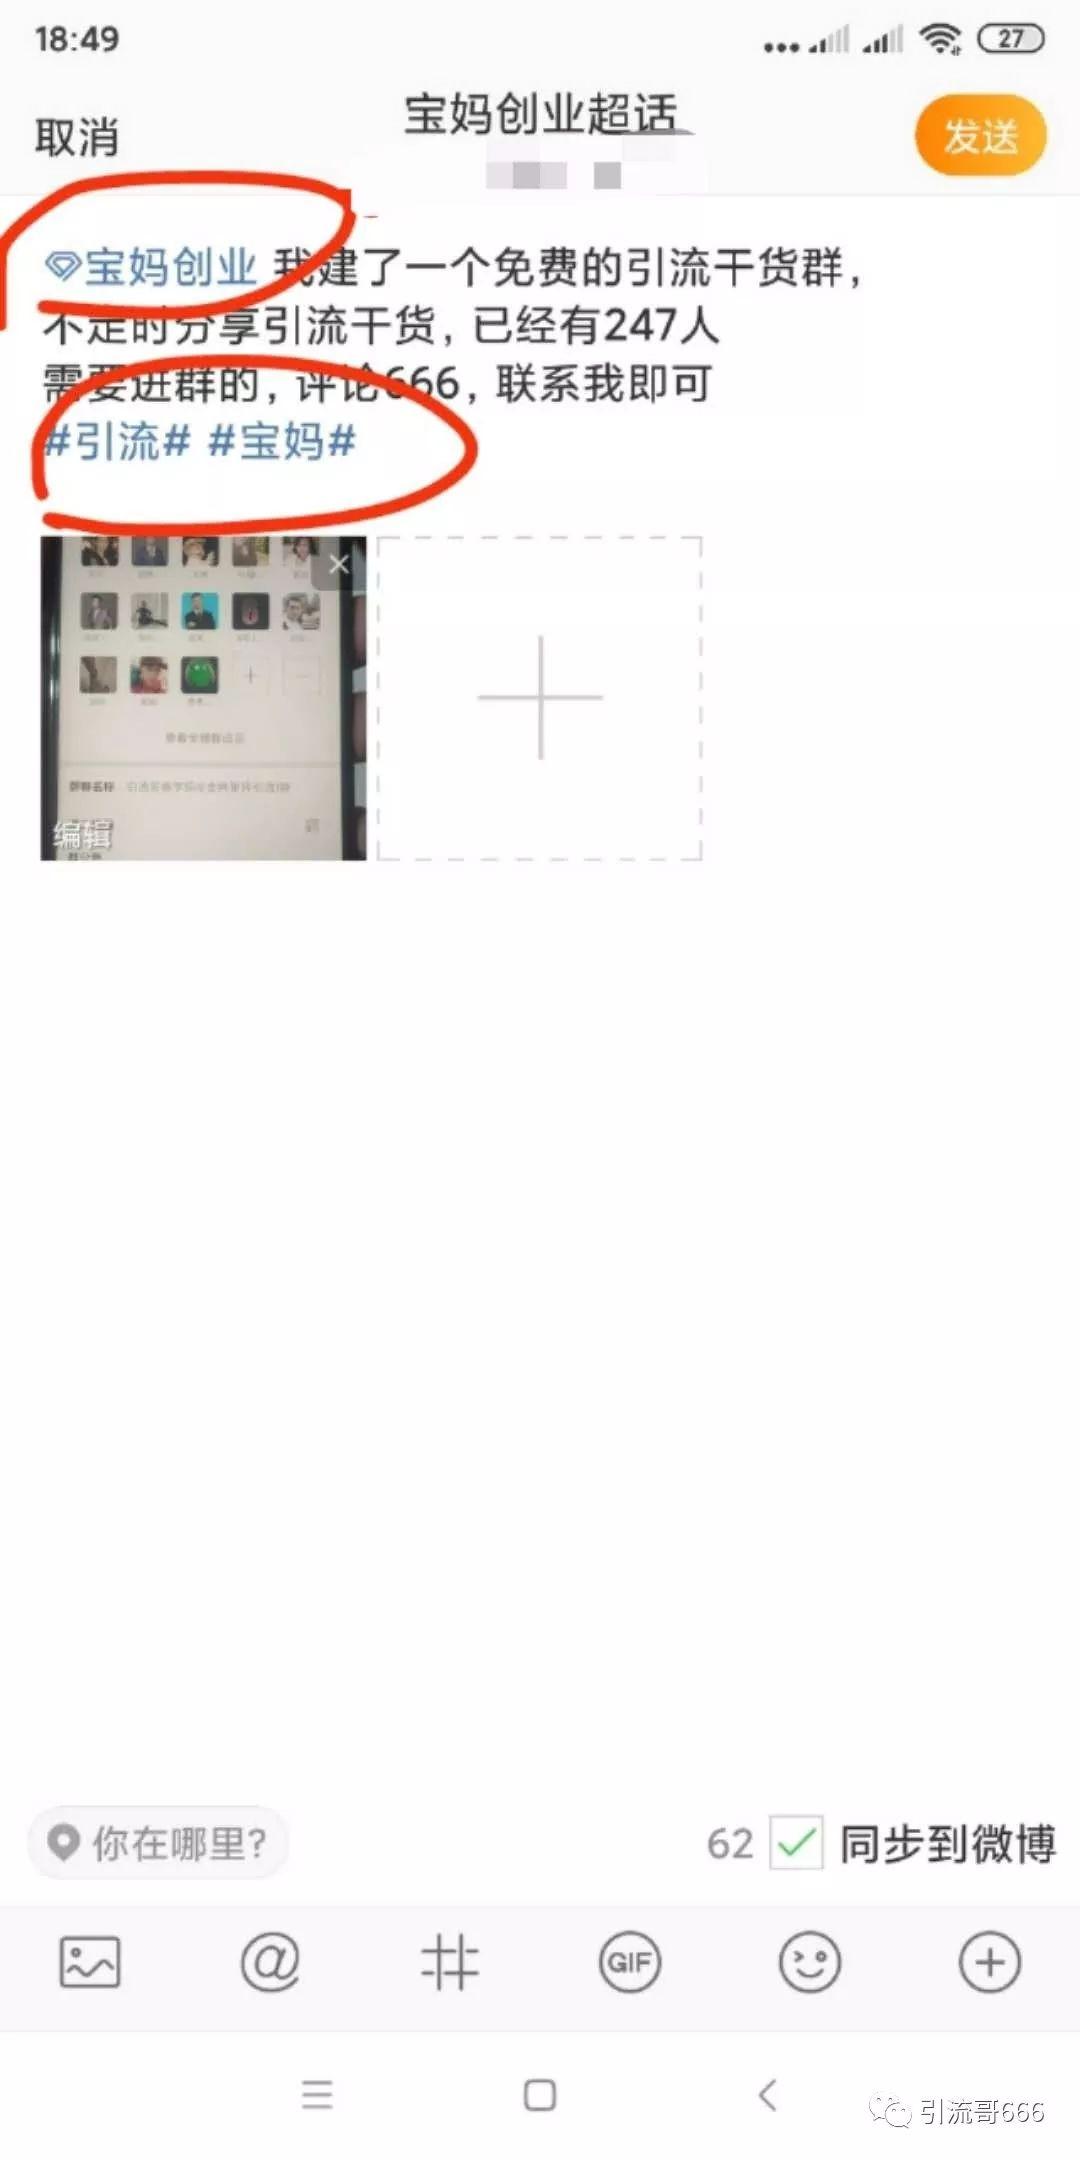 首次曝光:微博精准引流的3个新玩法